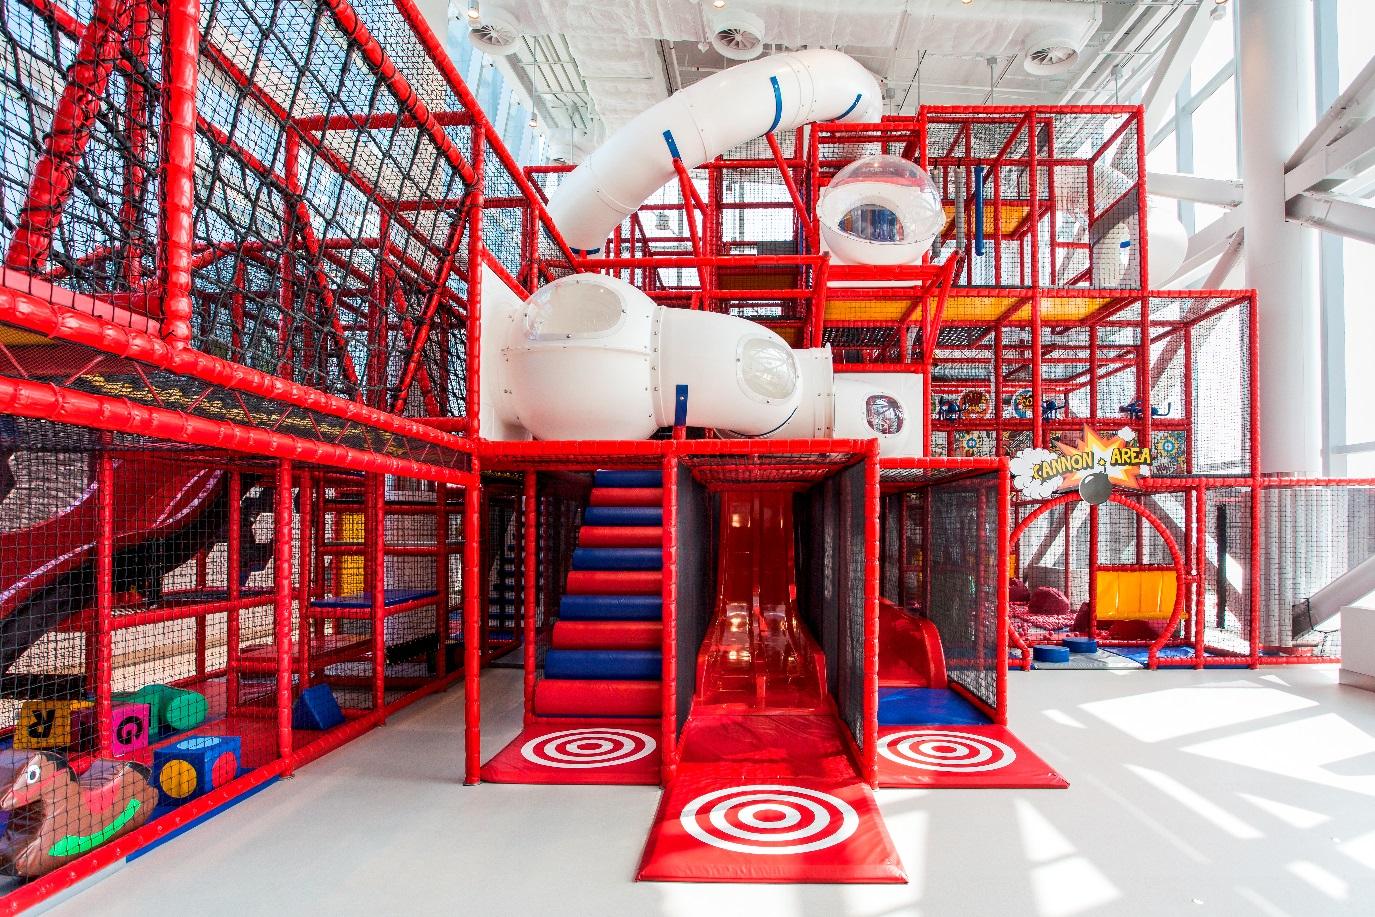 Kids' City Macau: Indoor Play Area